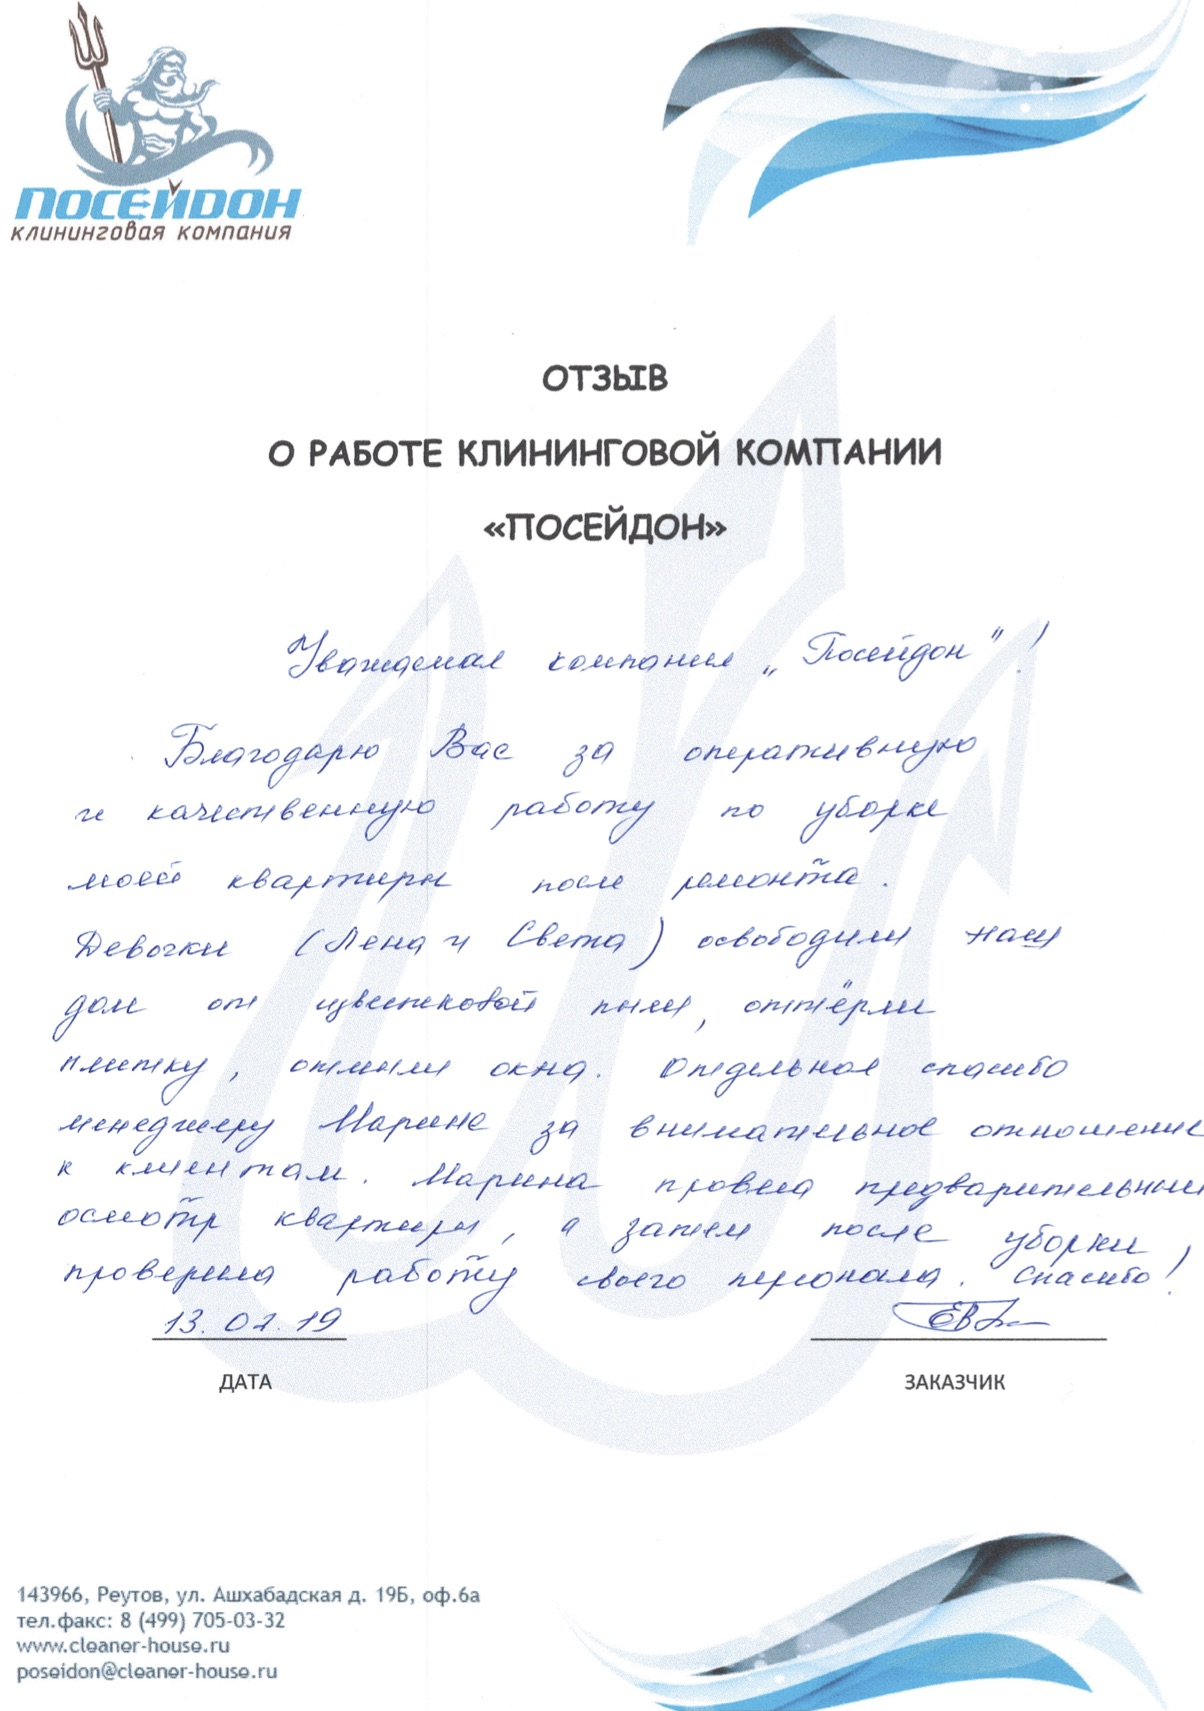 Клининговая компания и отзыв об уборке №368167